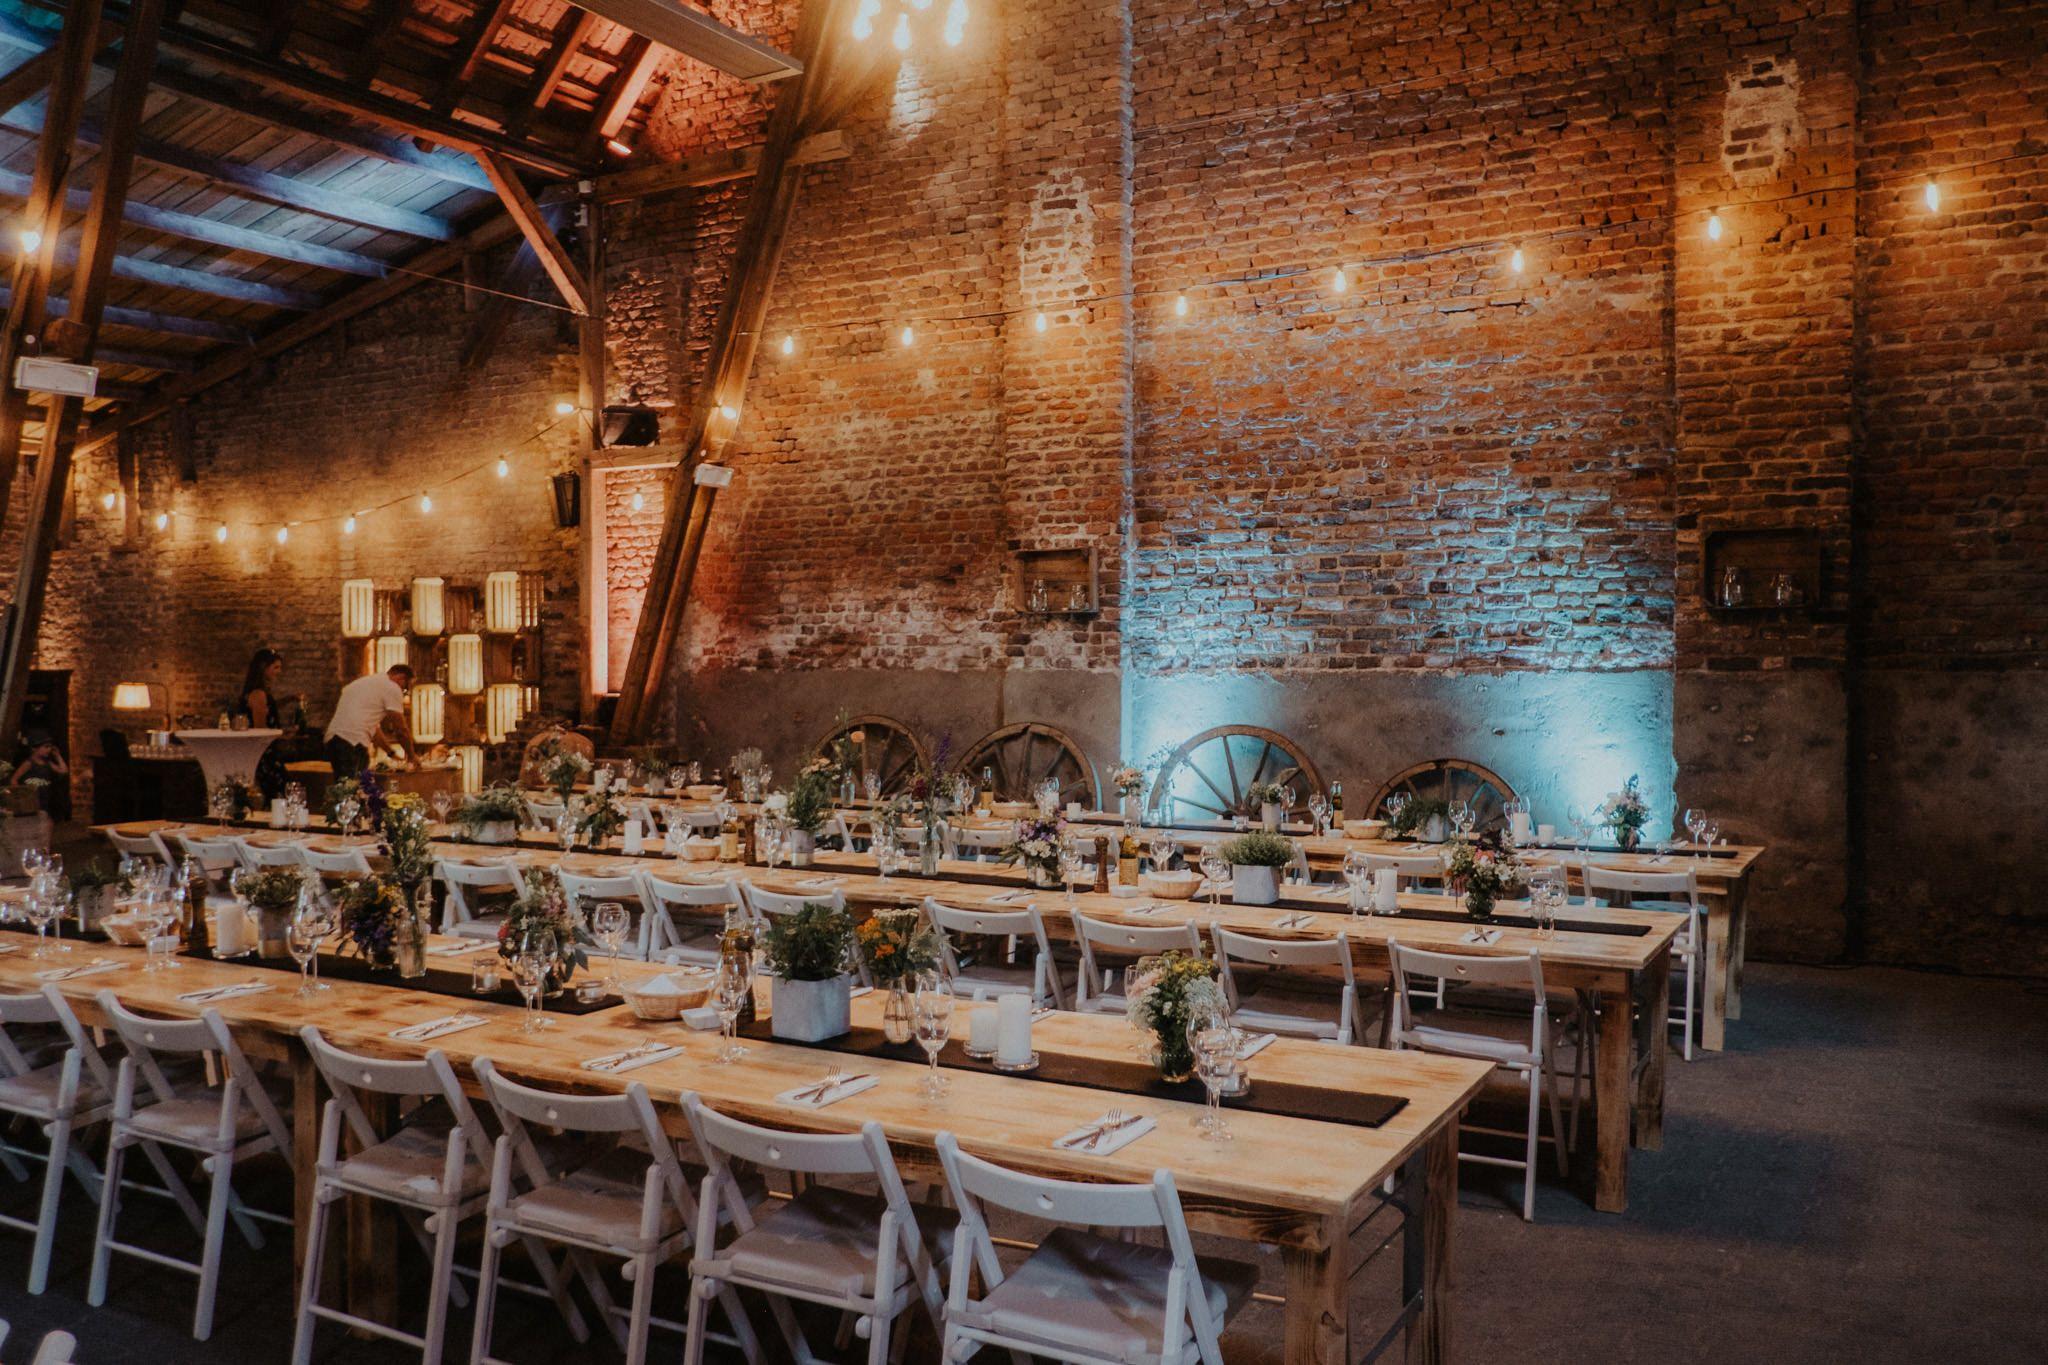 Location Hochzeit Scheune Eventscheune Hochzeitslocation